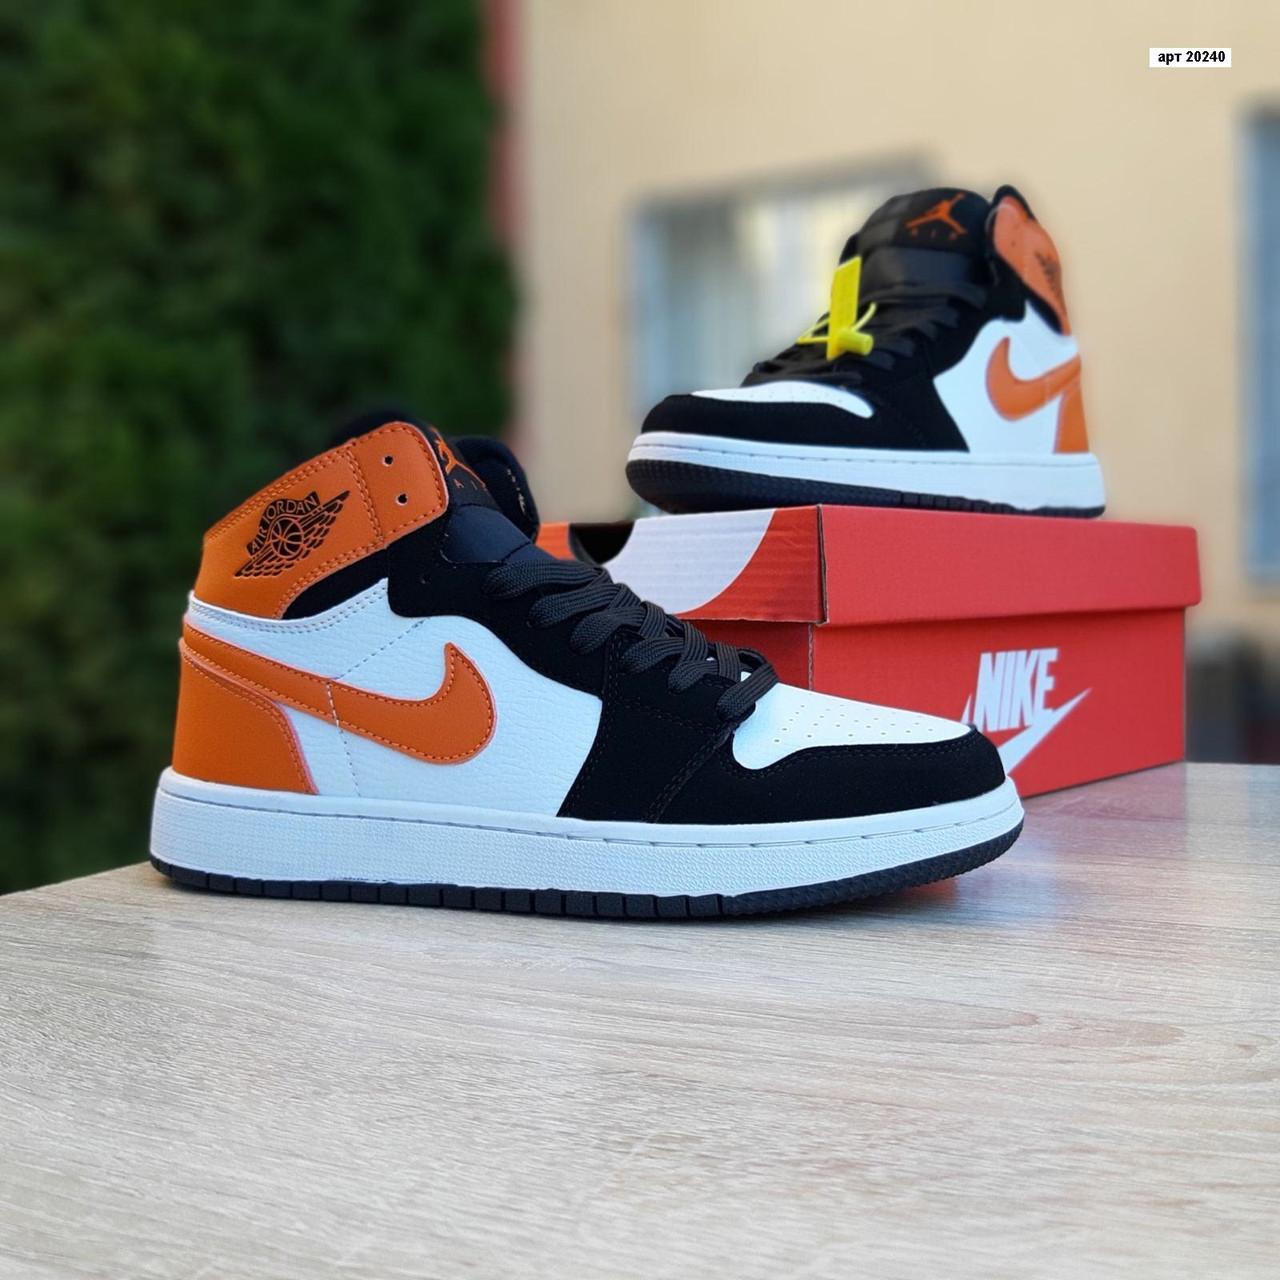 Жіночі кросівки Nike Air Jordan (біло-чорні з помаранчевим) 20240